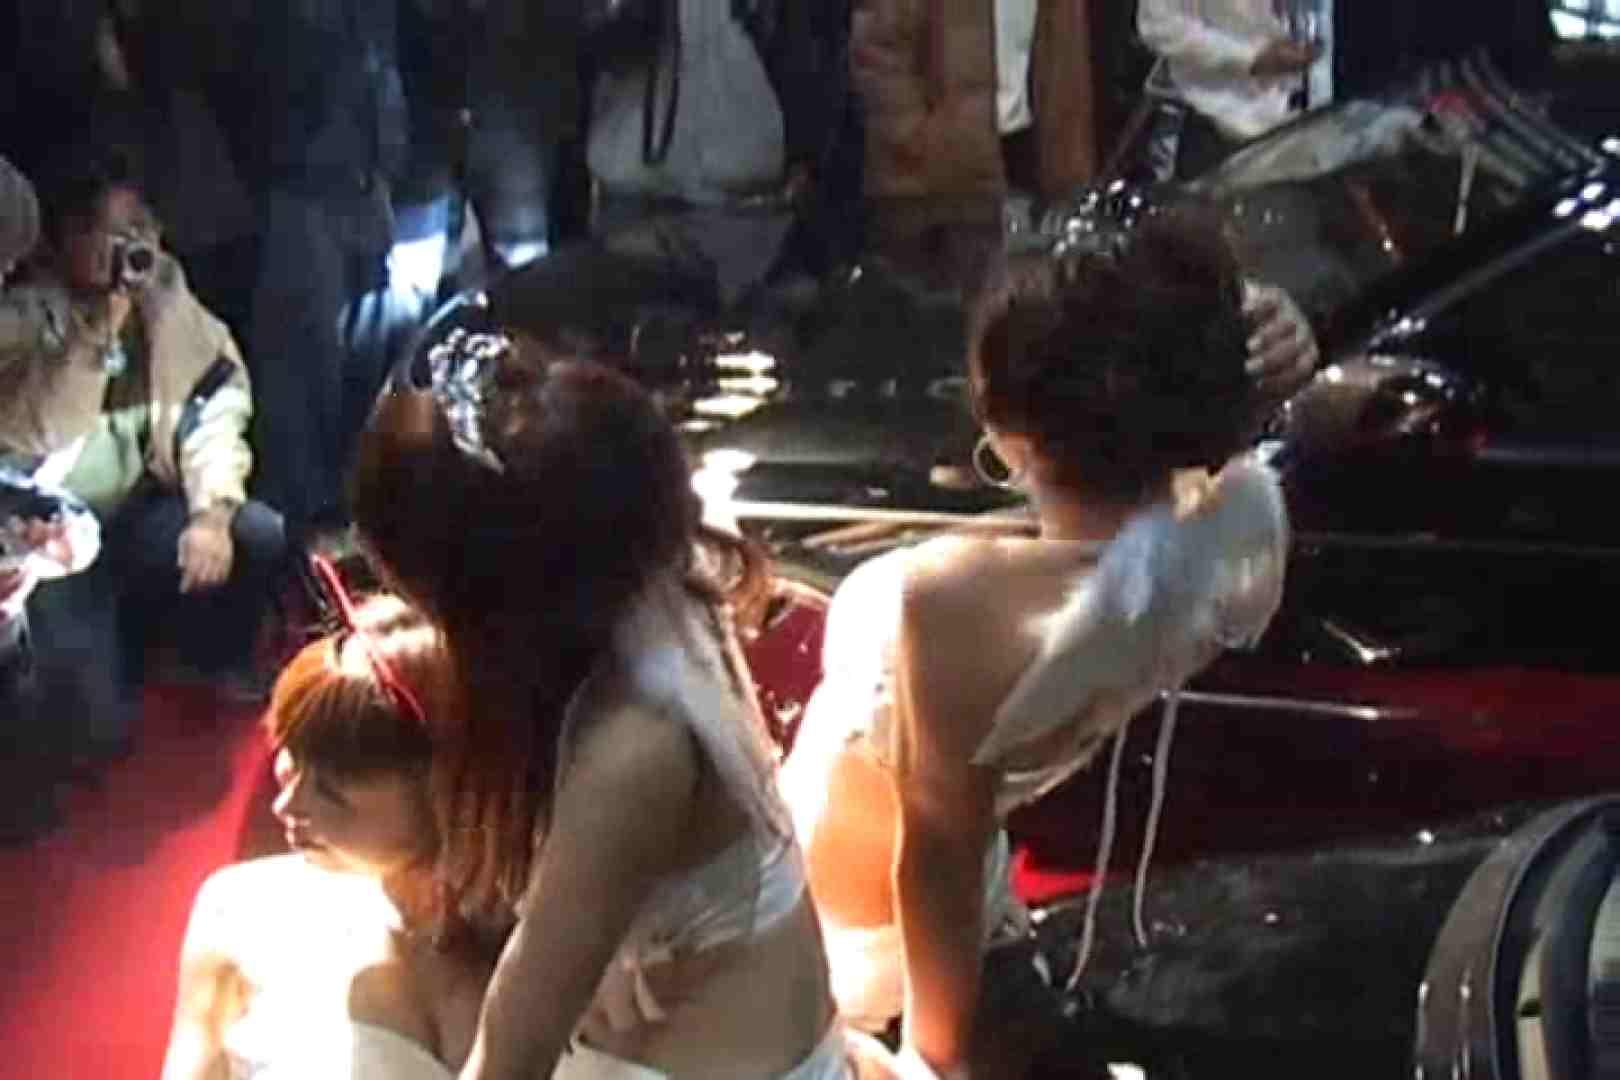 胸チラはもらった~!!胸元争奪戦!!Vol.2 胸チラ エロ画像 93画像 47